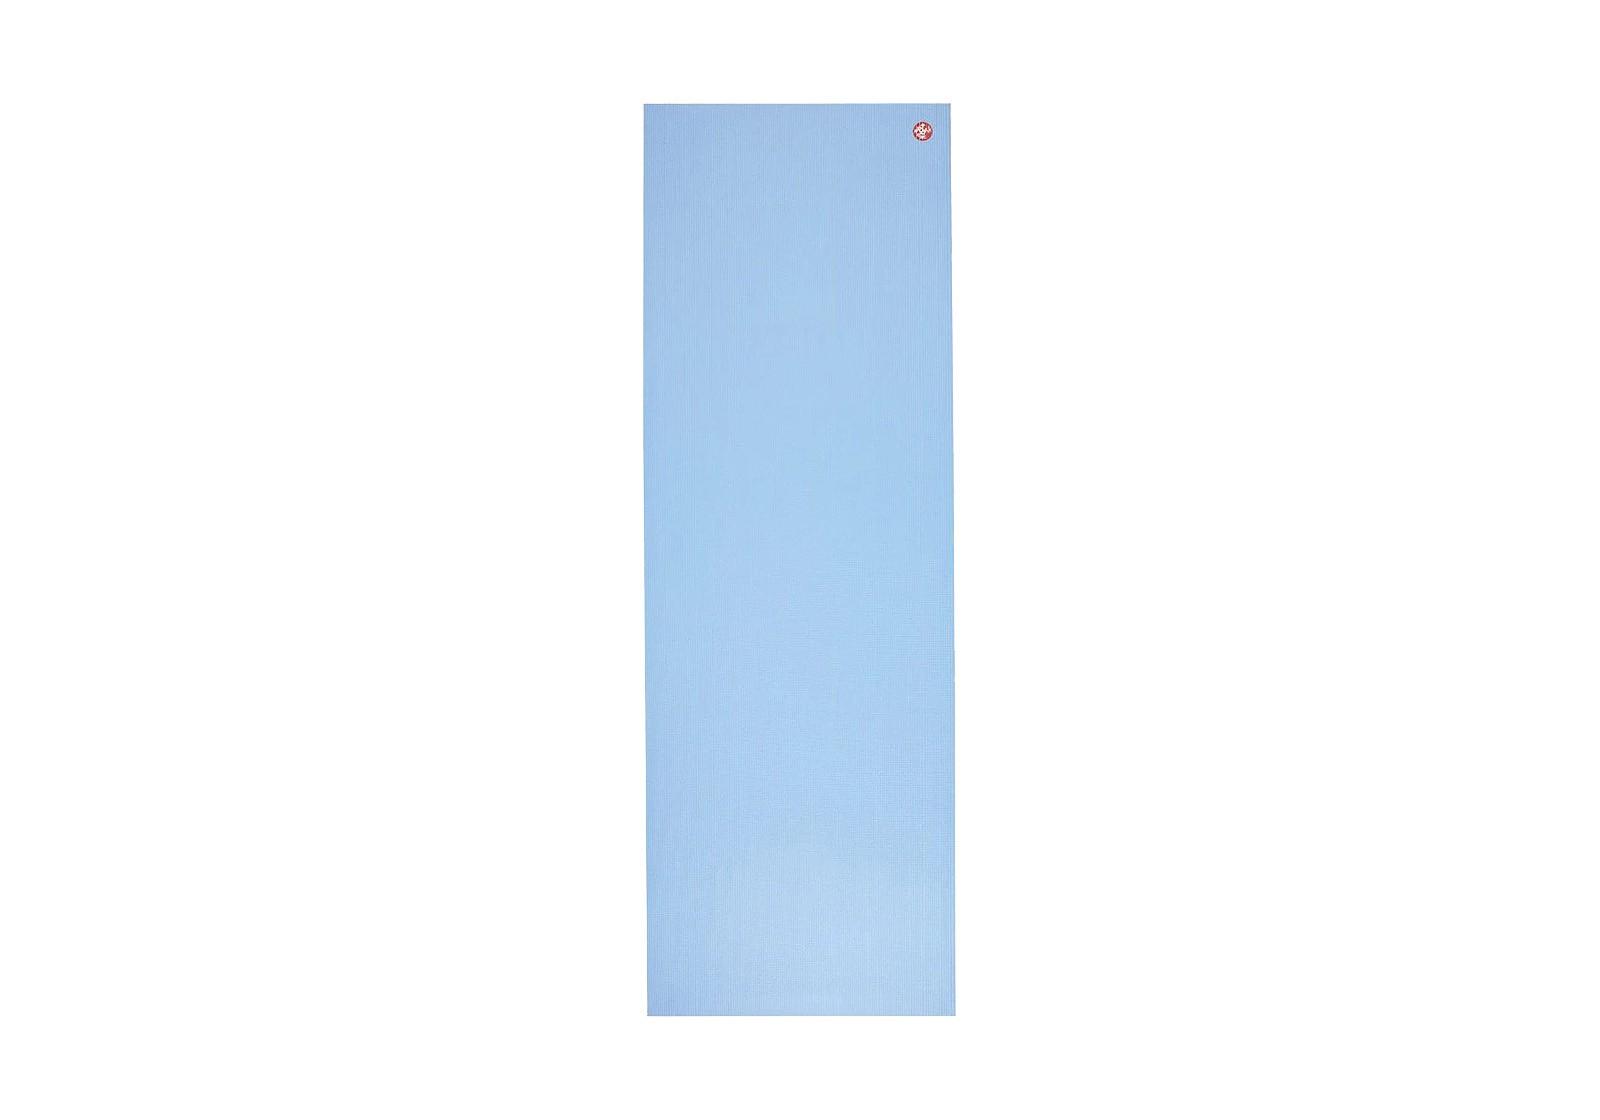 manduka-prolite-clear-blue3